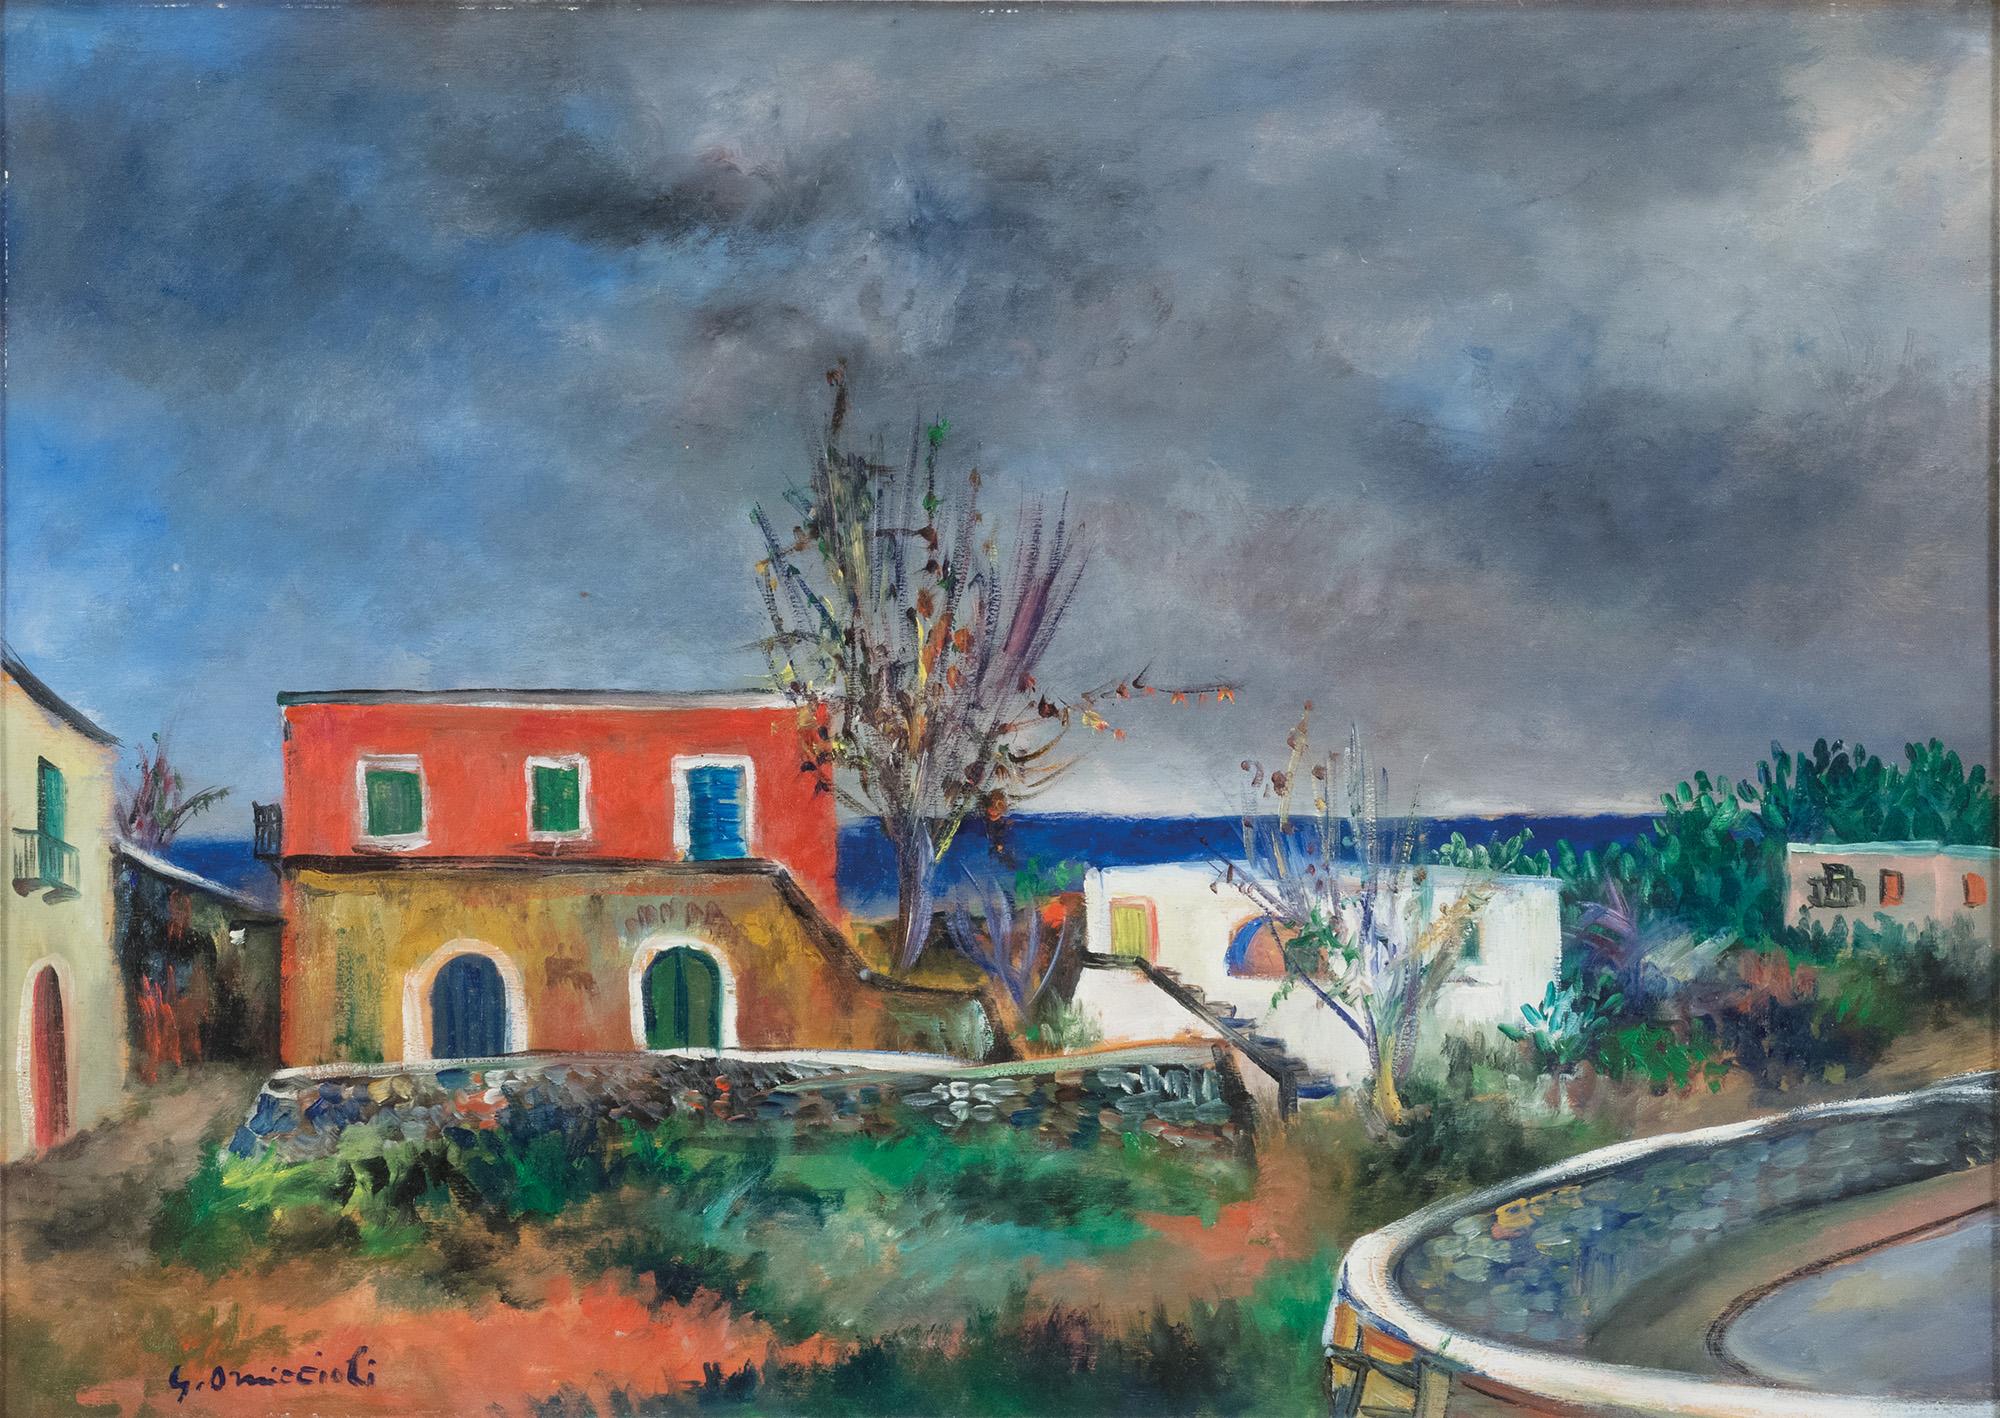 Casa bianca e casa rossa ad Ischia, 1956/'57